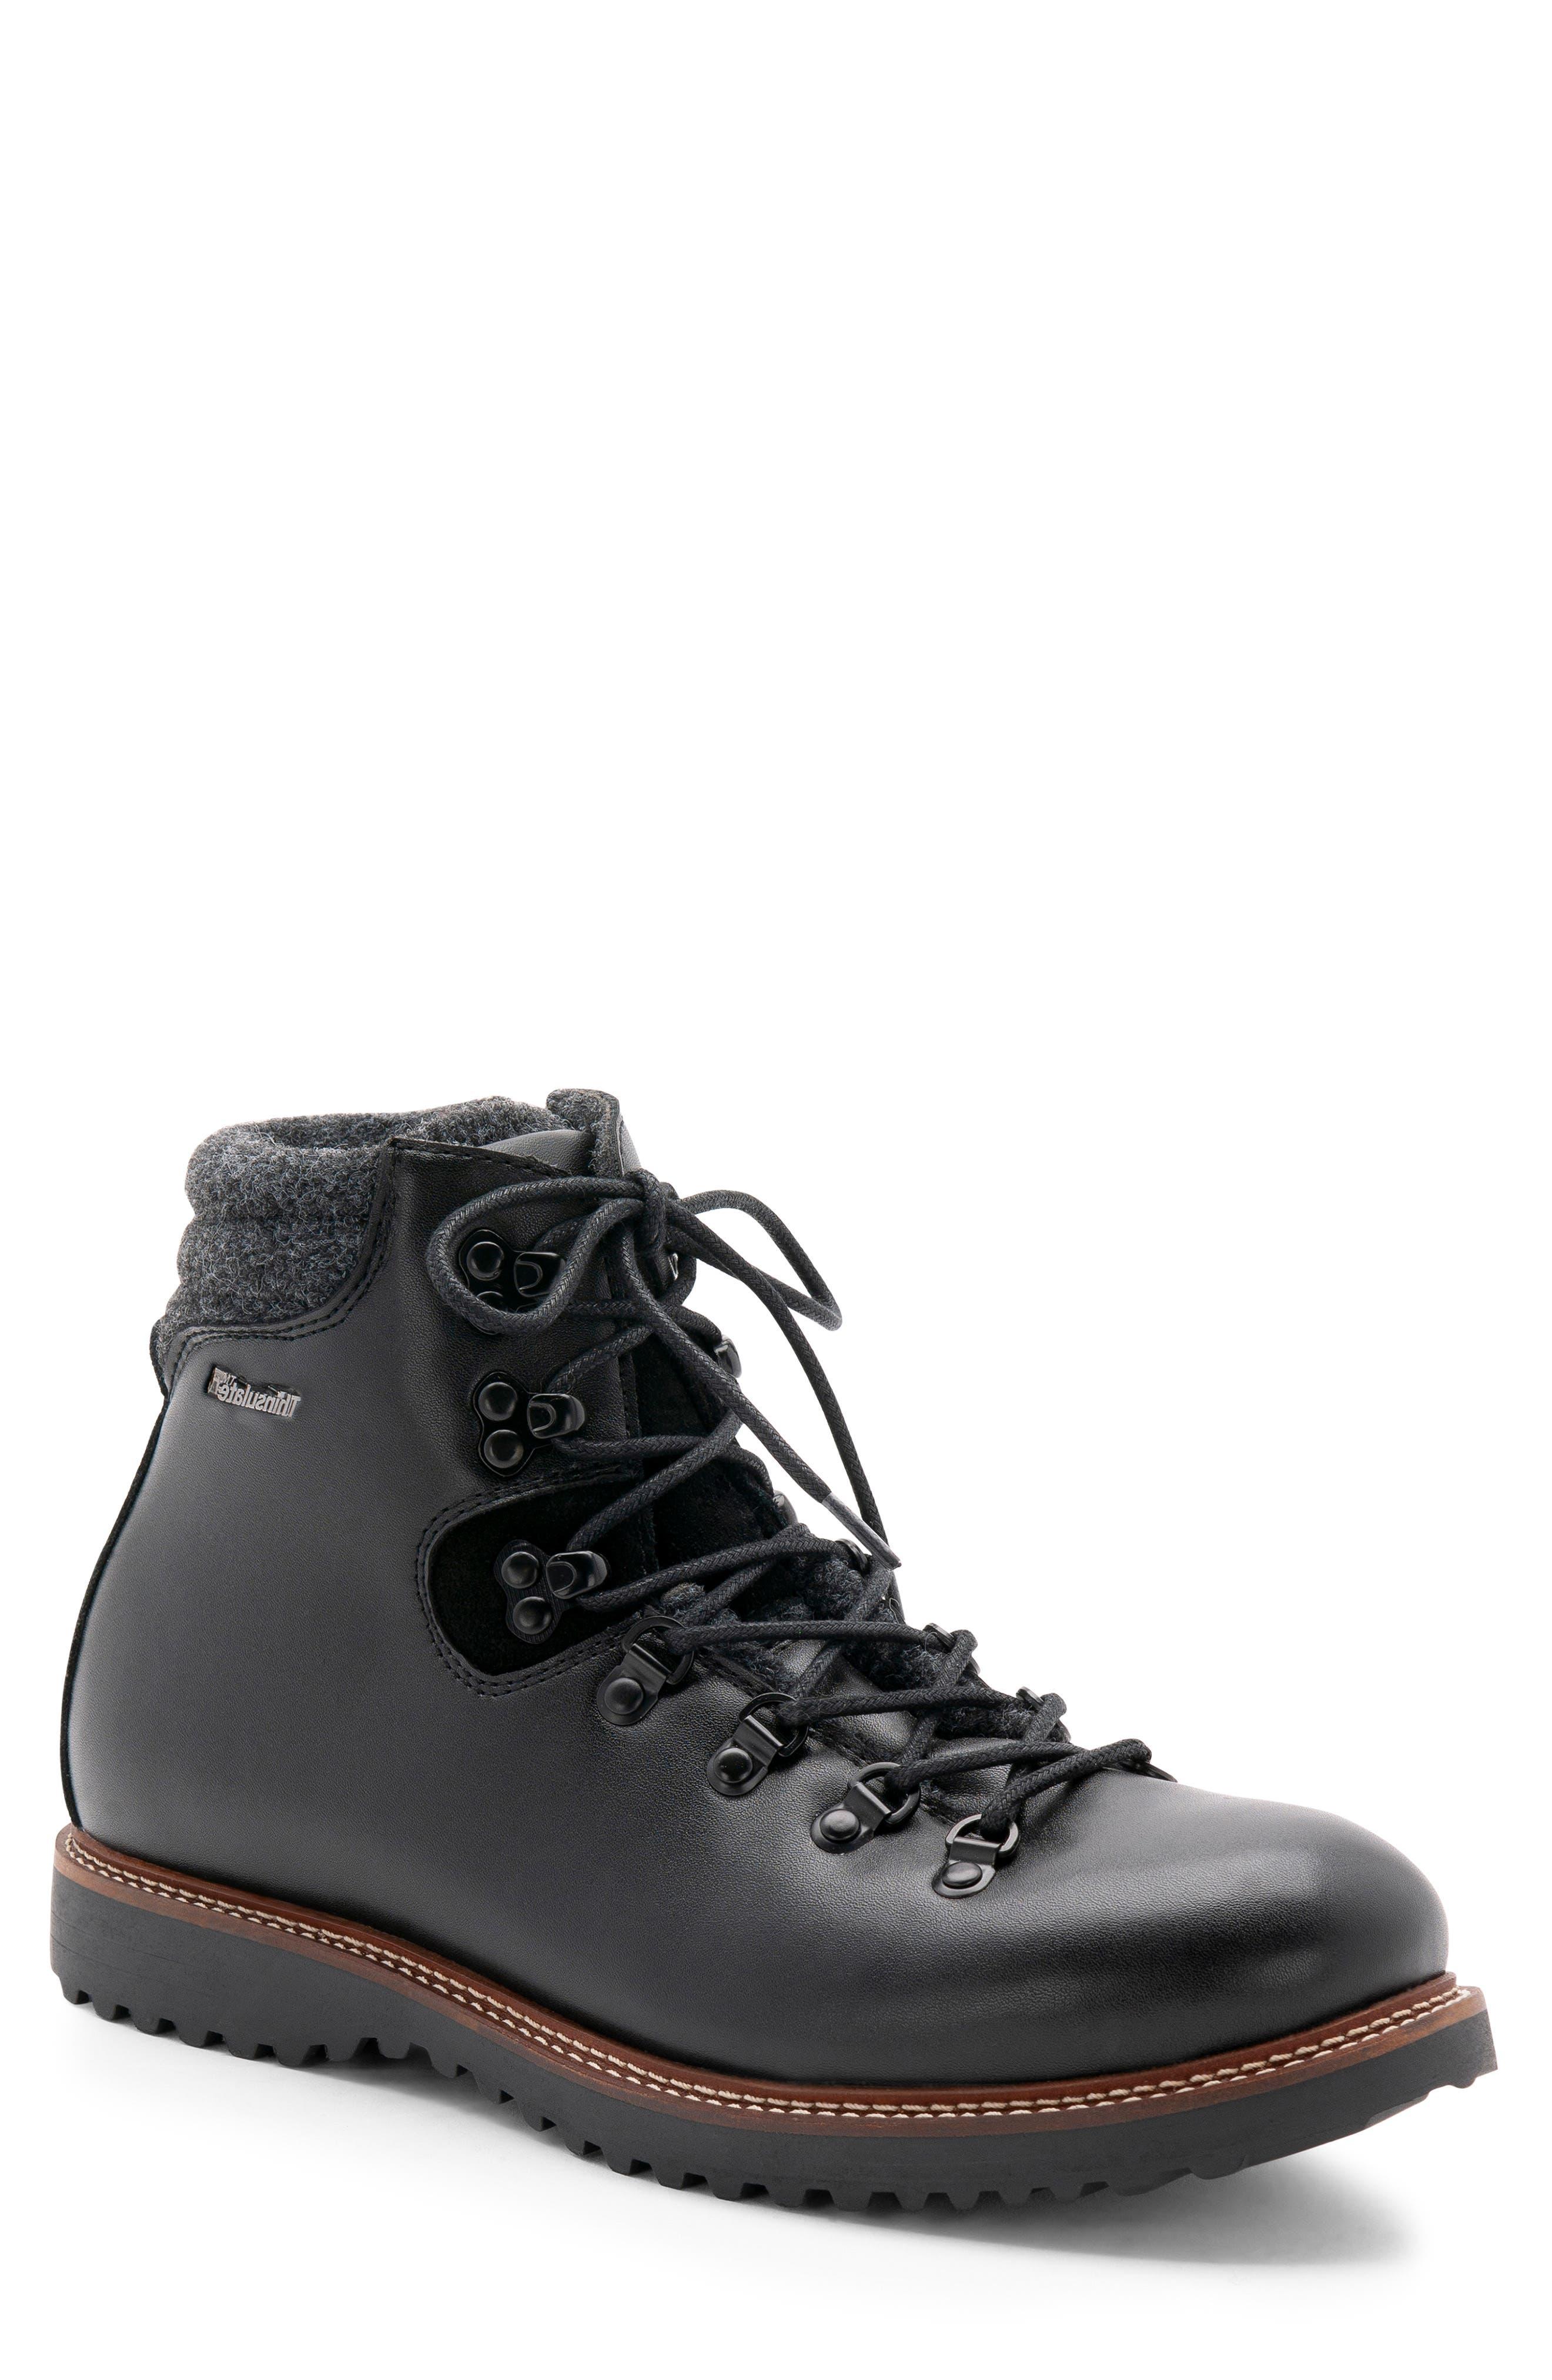 Blondo Morgan Waterproof Plain Toe Boot, Black